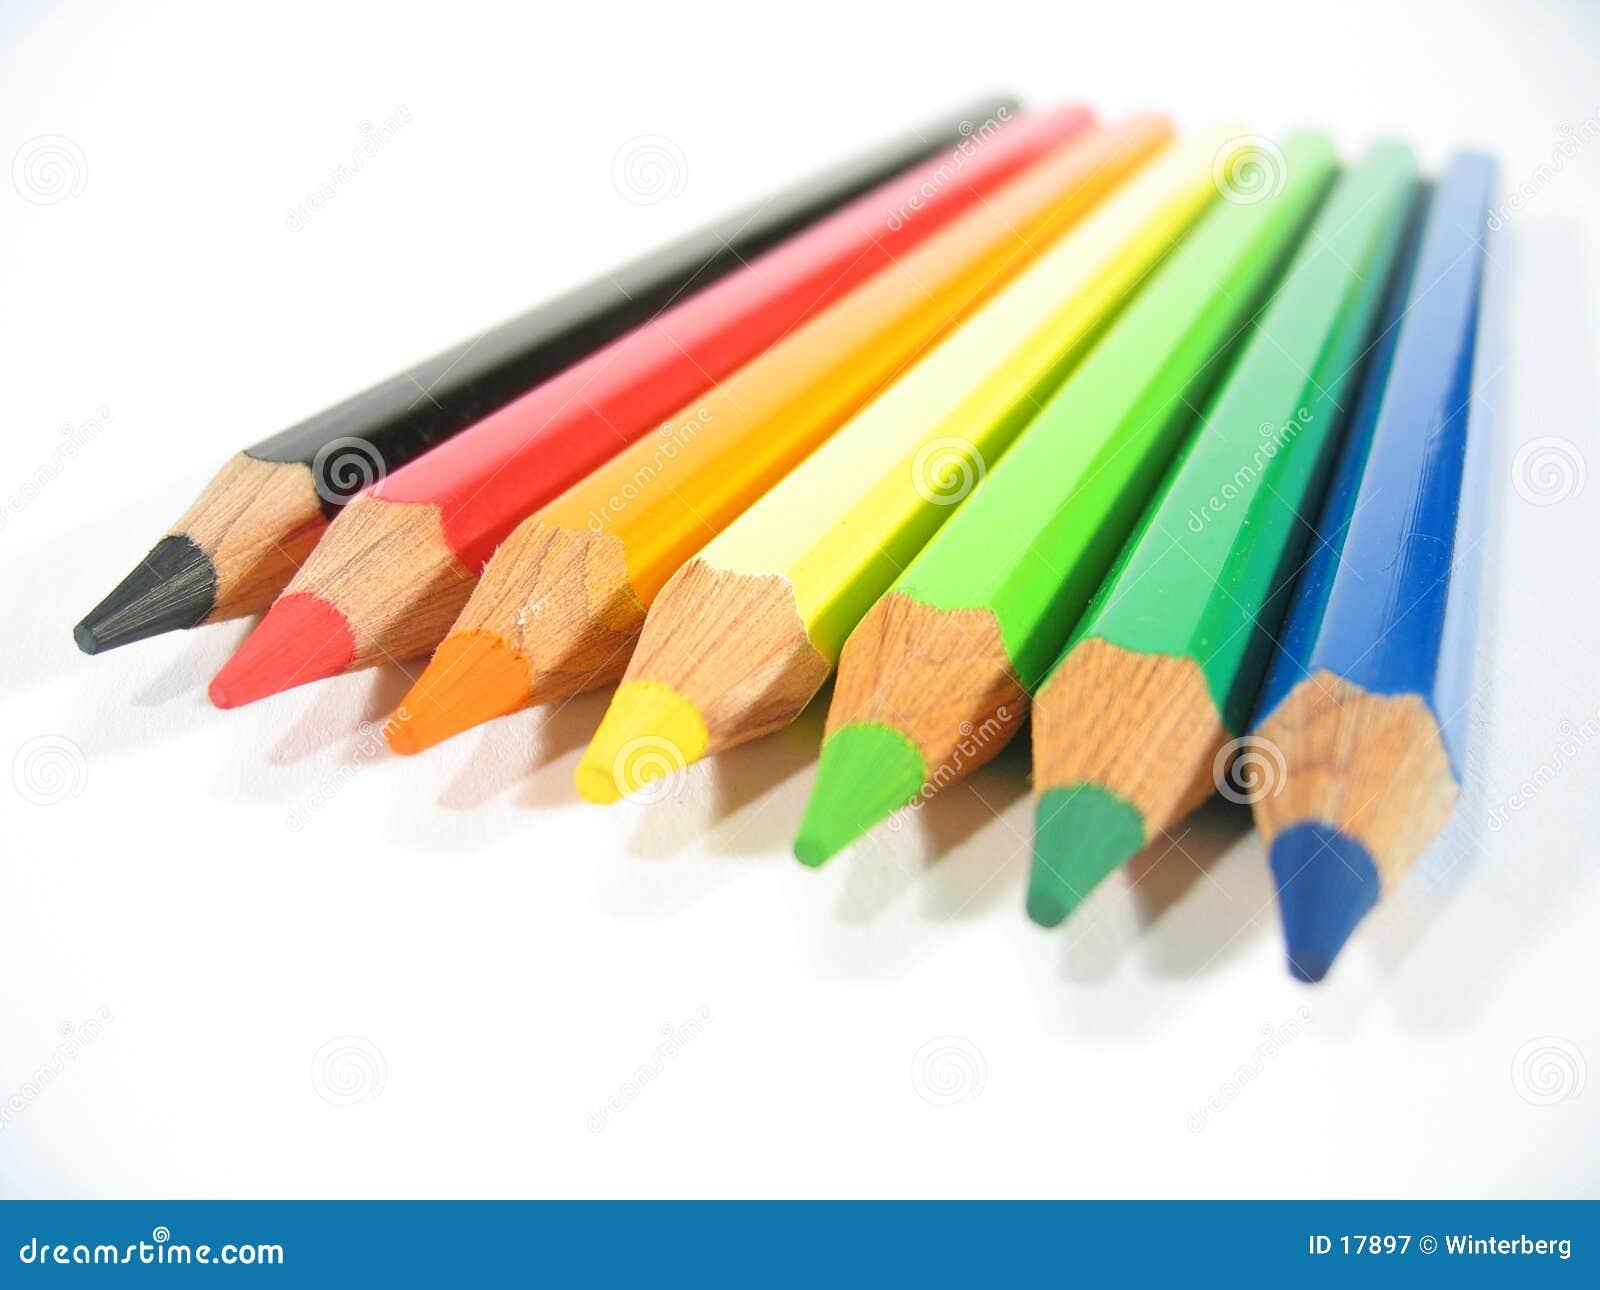 Farbige Zeichenstifte VI